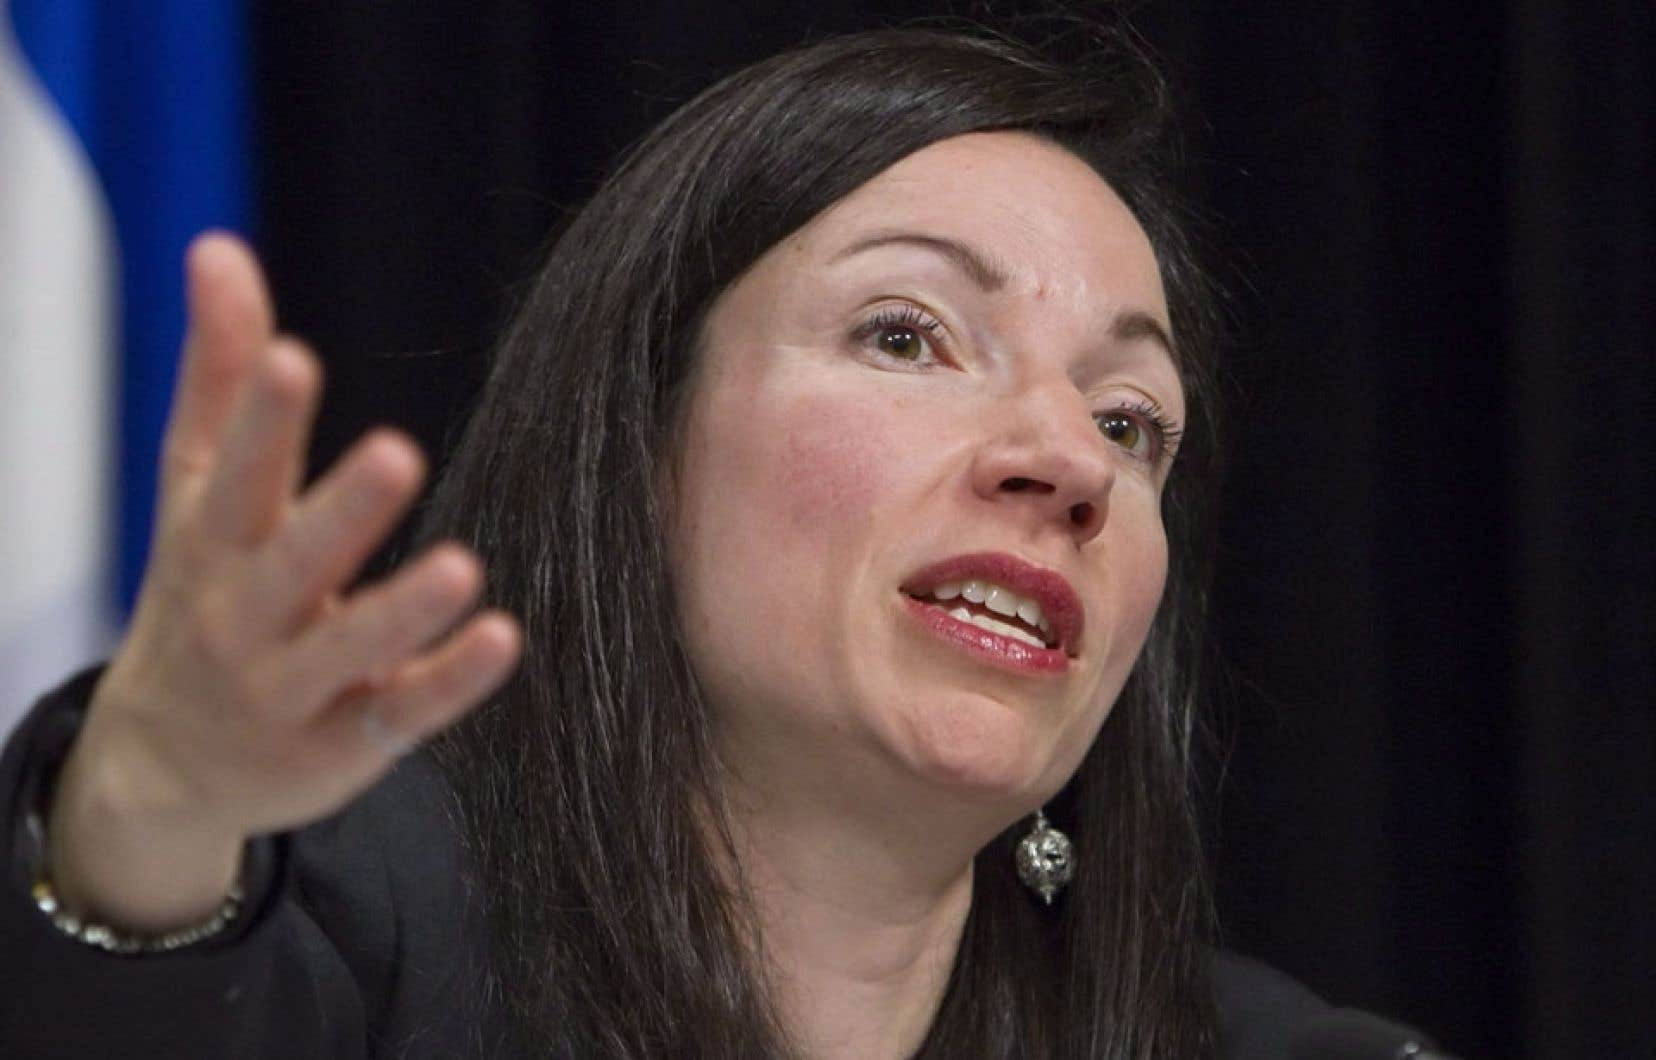 La ministre Martine Ouellet affirme que la consultation sur l'énergie se tiendra « au début de l'automne ». Quant à la stratégie énergétique, elle devrait être prête en 2014.